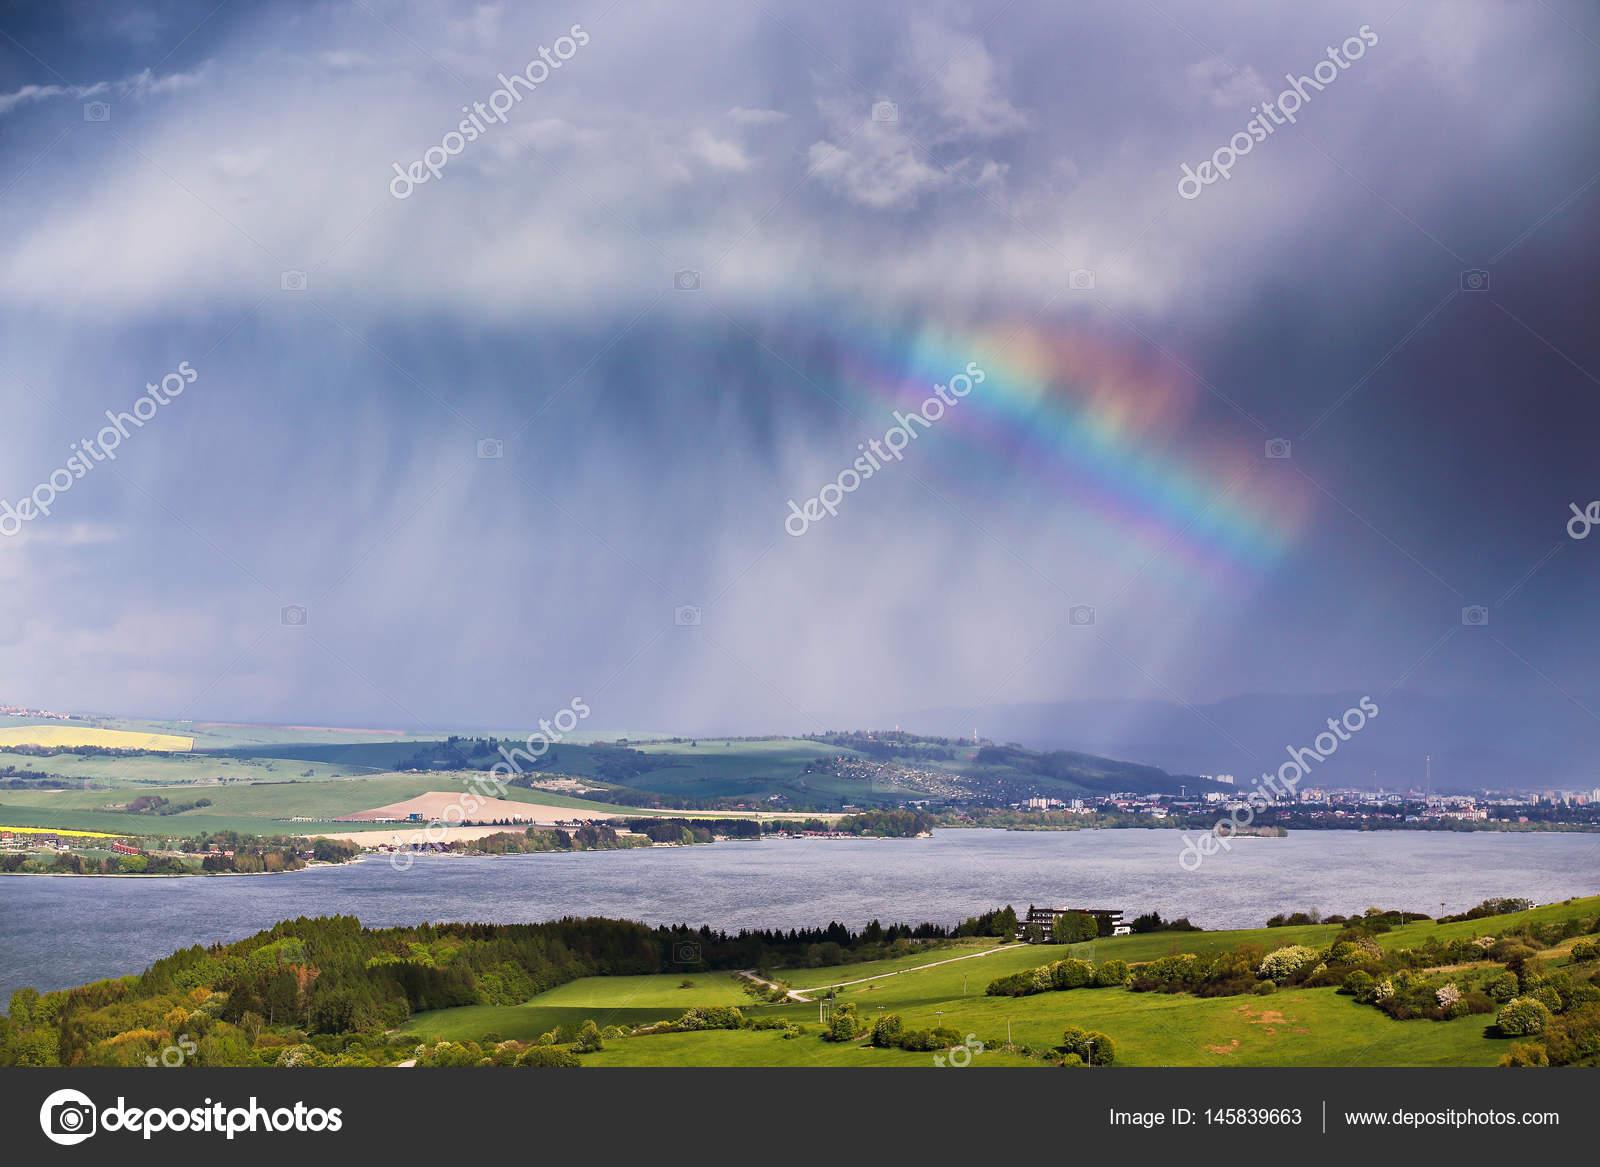 Regenboog na regen voorjaar regen en storm in bergen u stockfoto